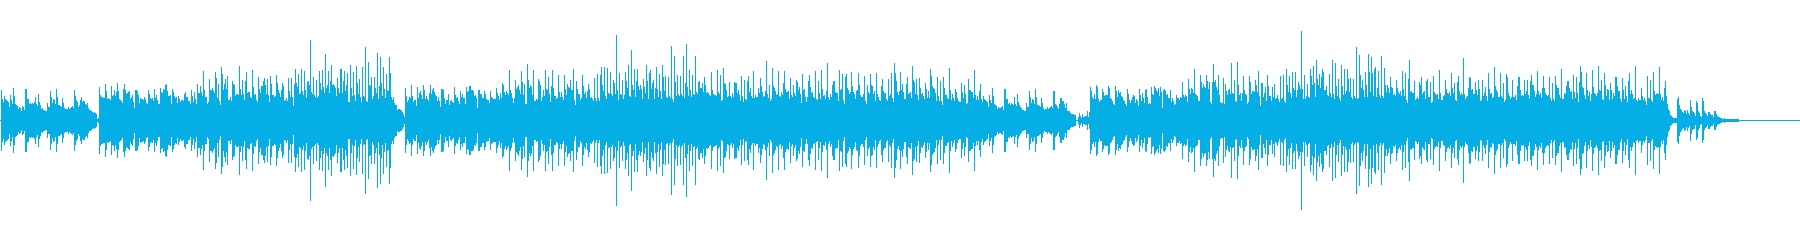 ピアノロマンティックソングの再生済みの波形